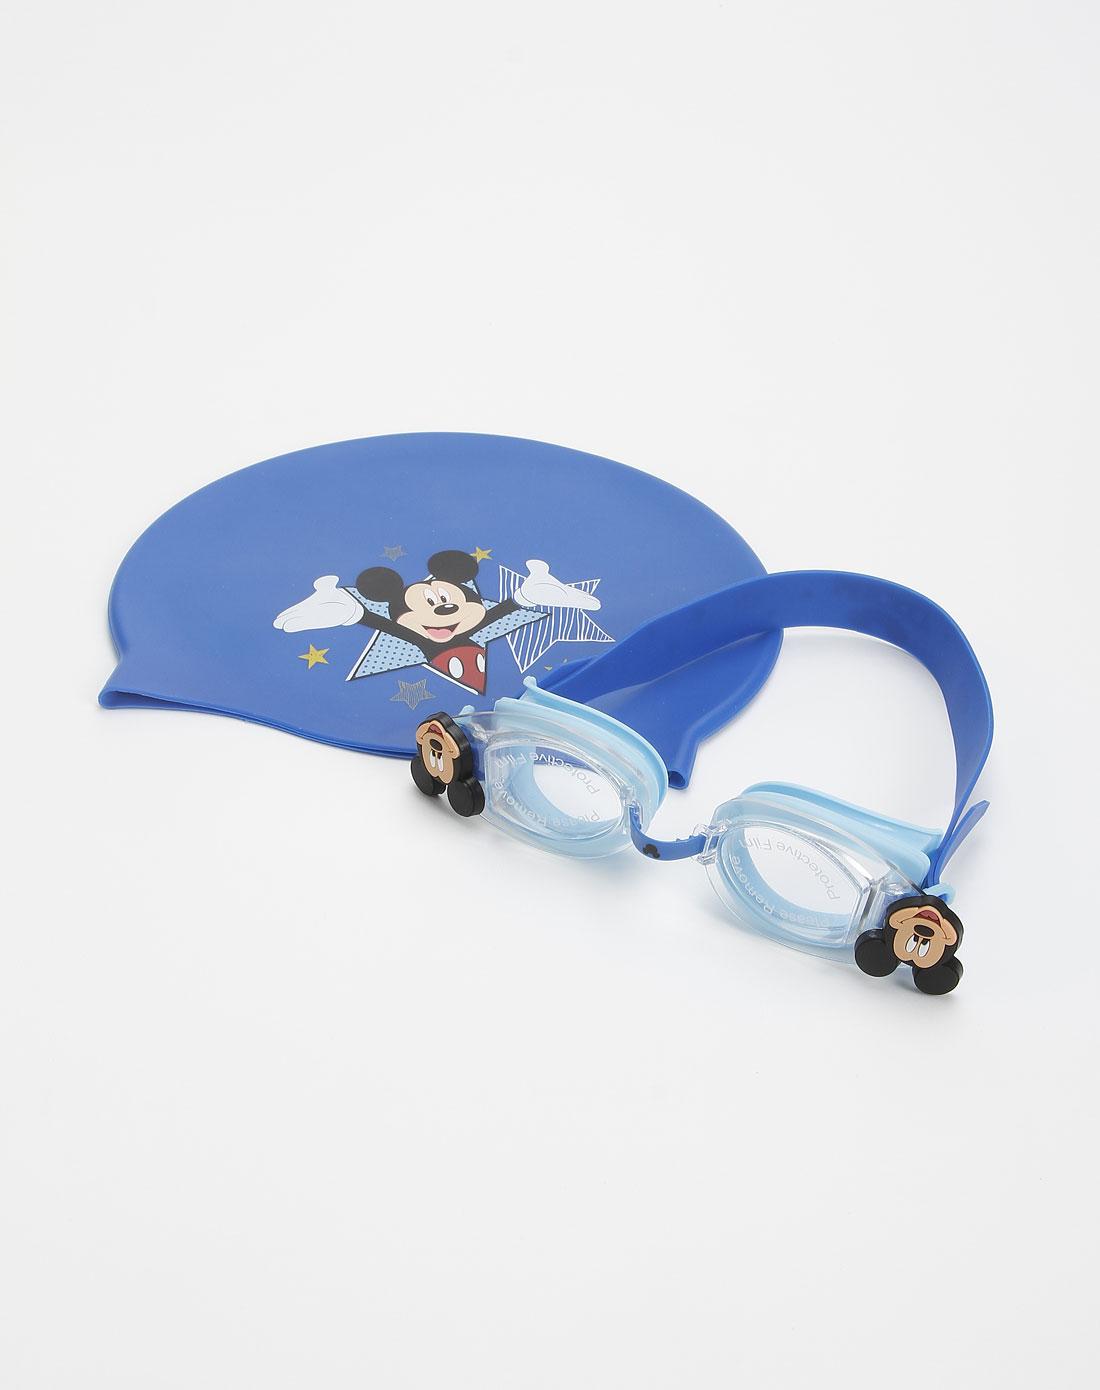 迪士尼蓝色儿童卡通泳镜套装